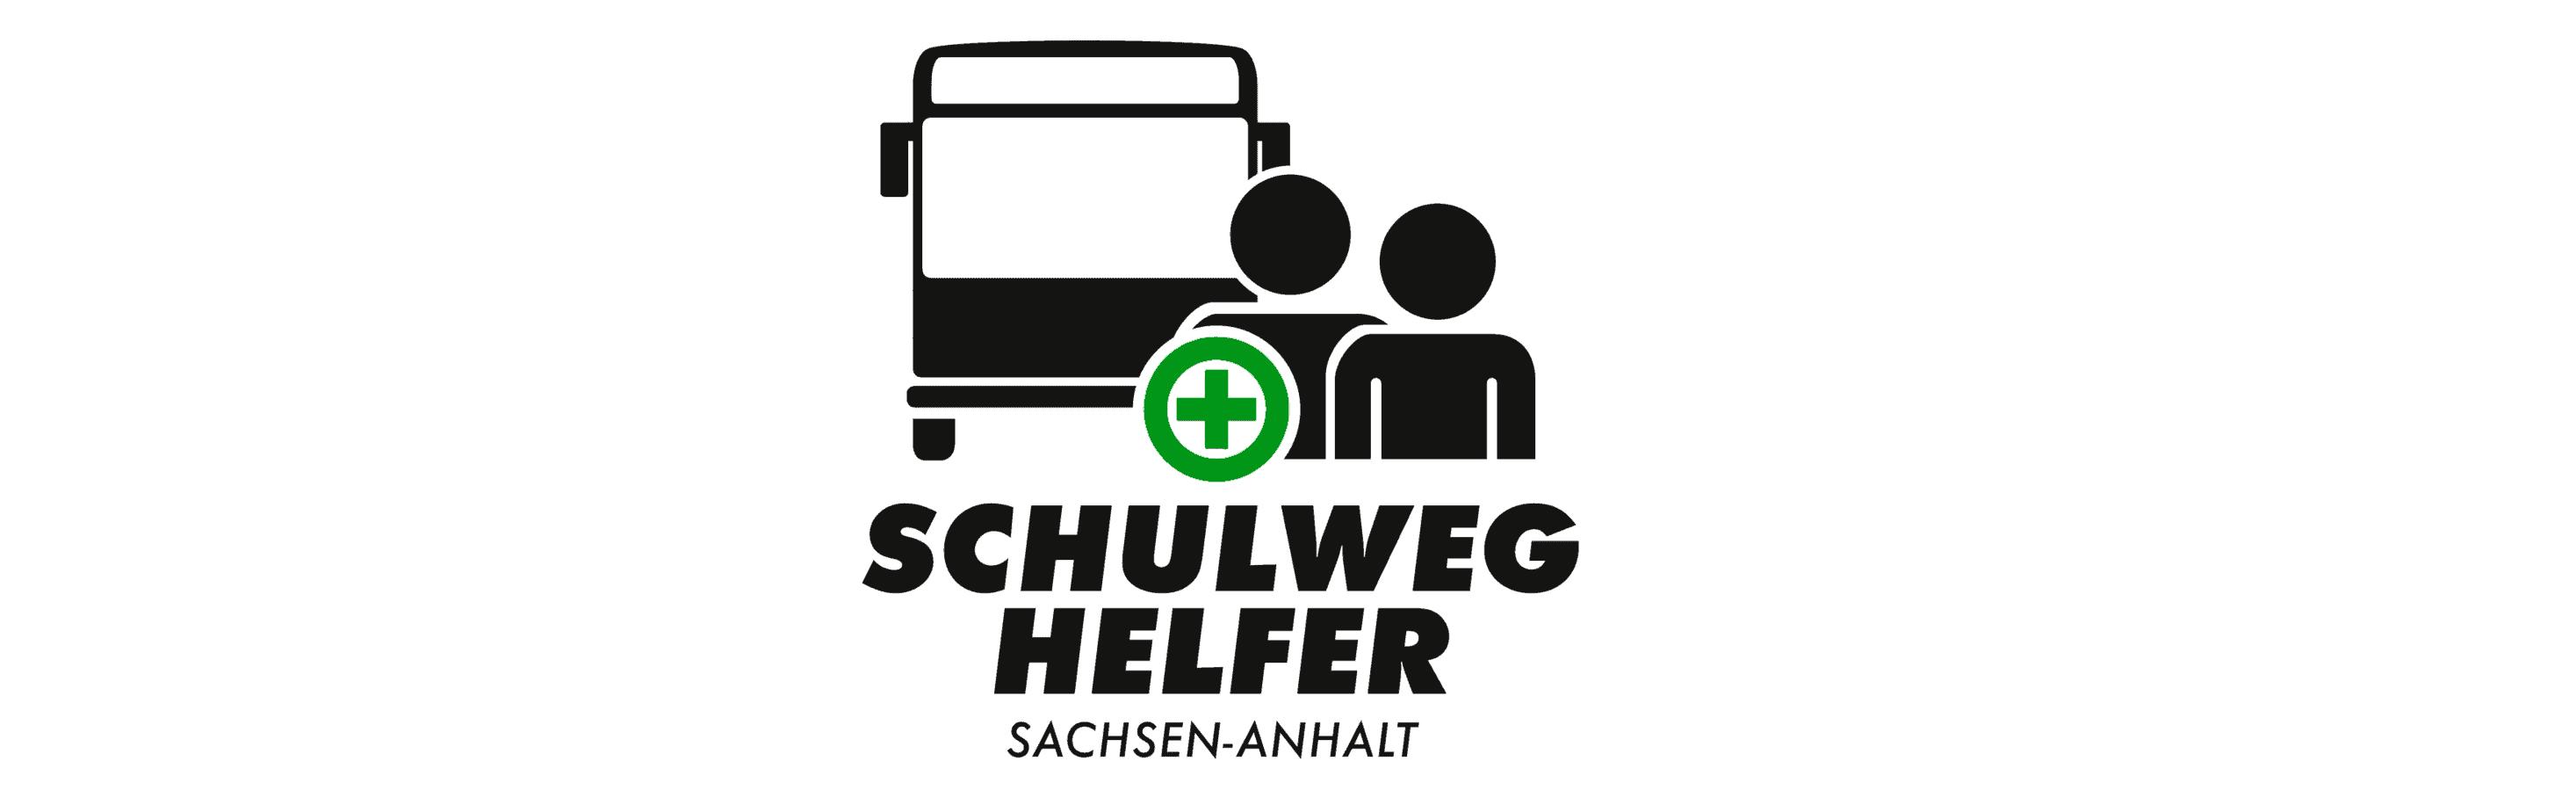 """Das Logo vom Projekt """"Schulweghelfer"""" in Sachsen-Anhalt"""